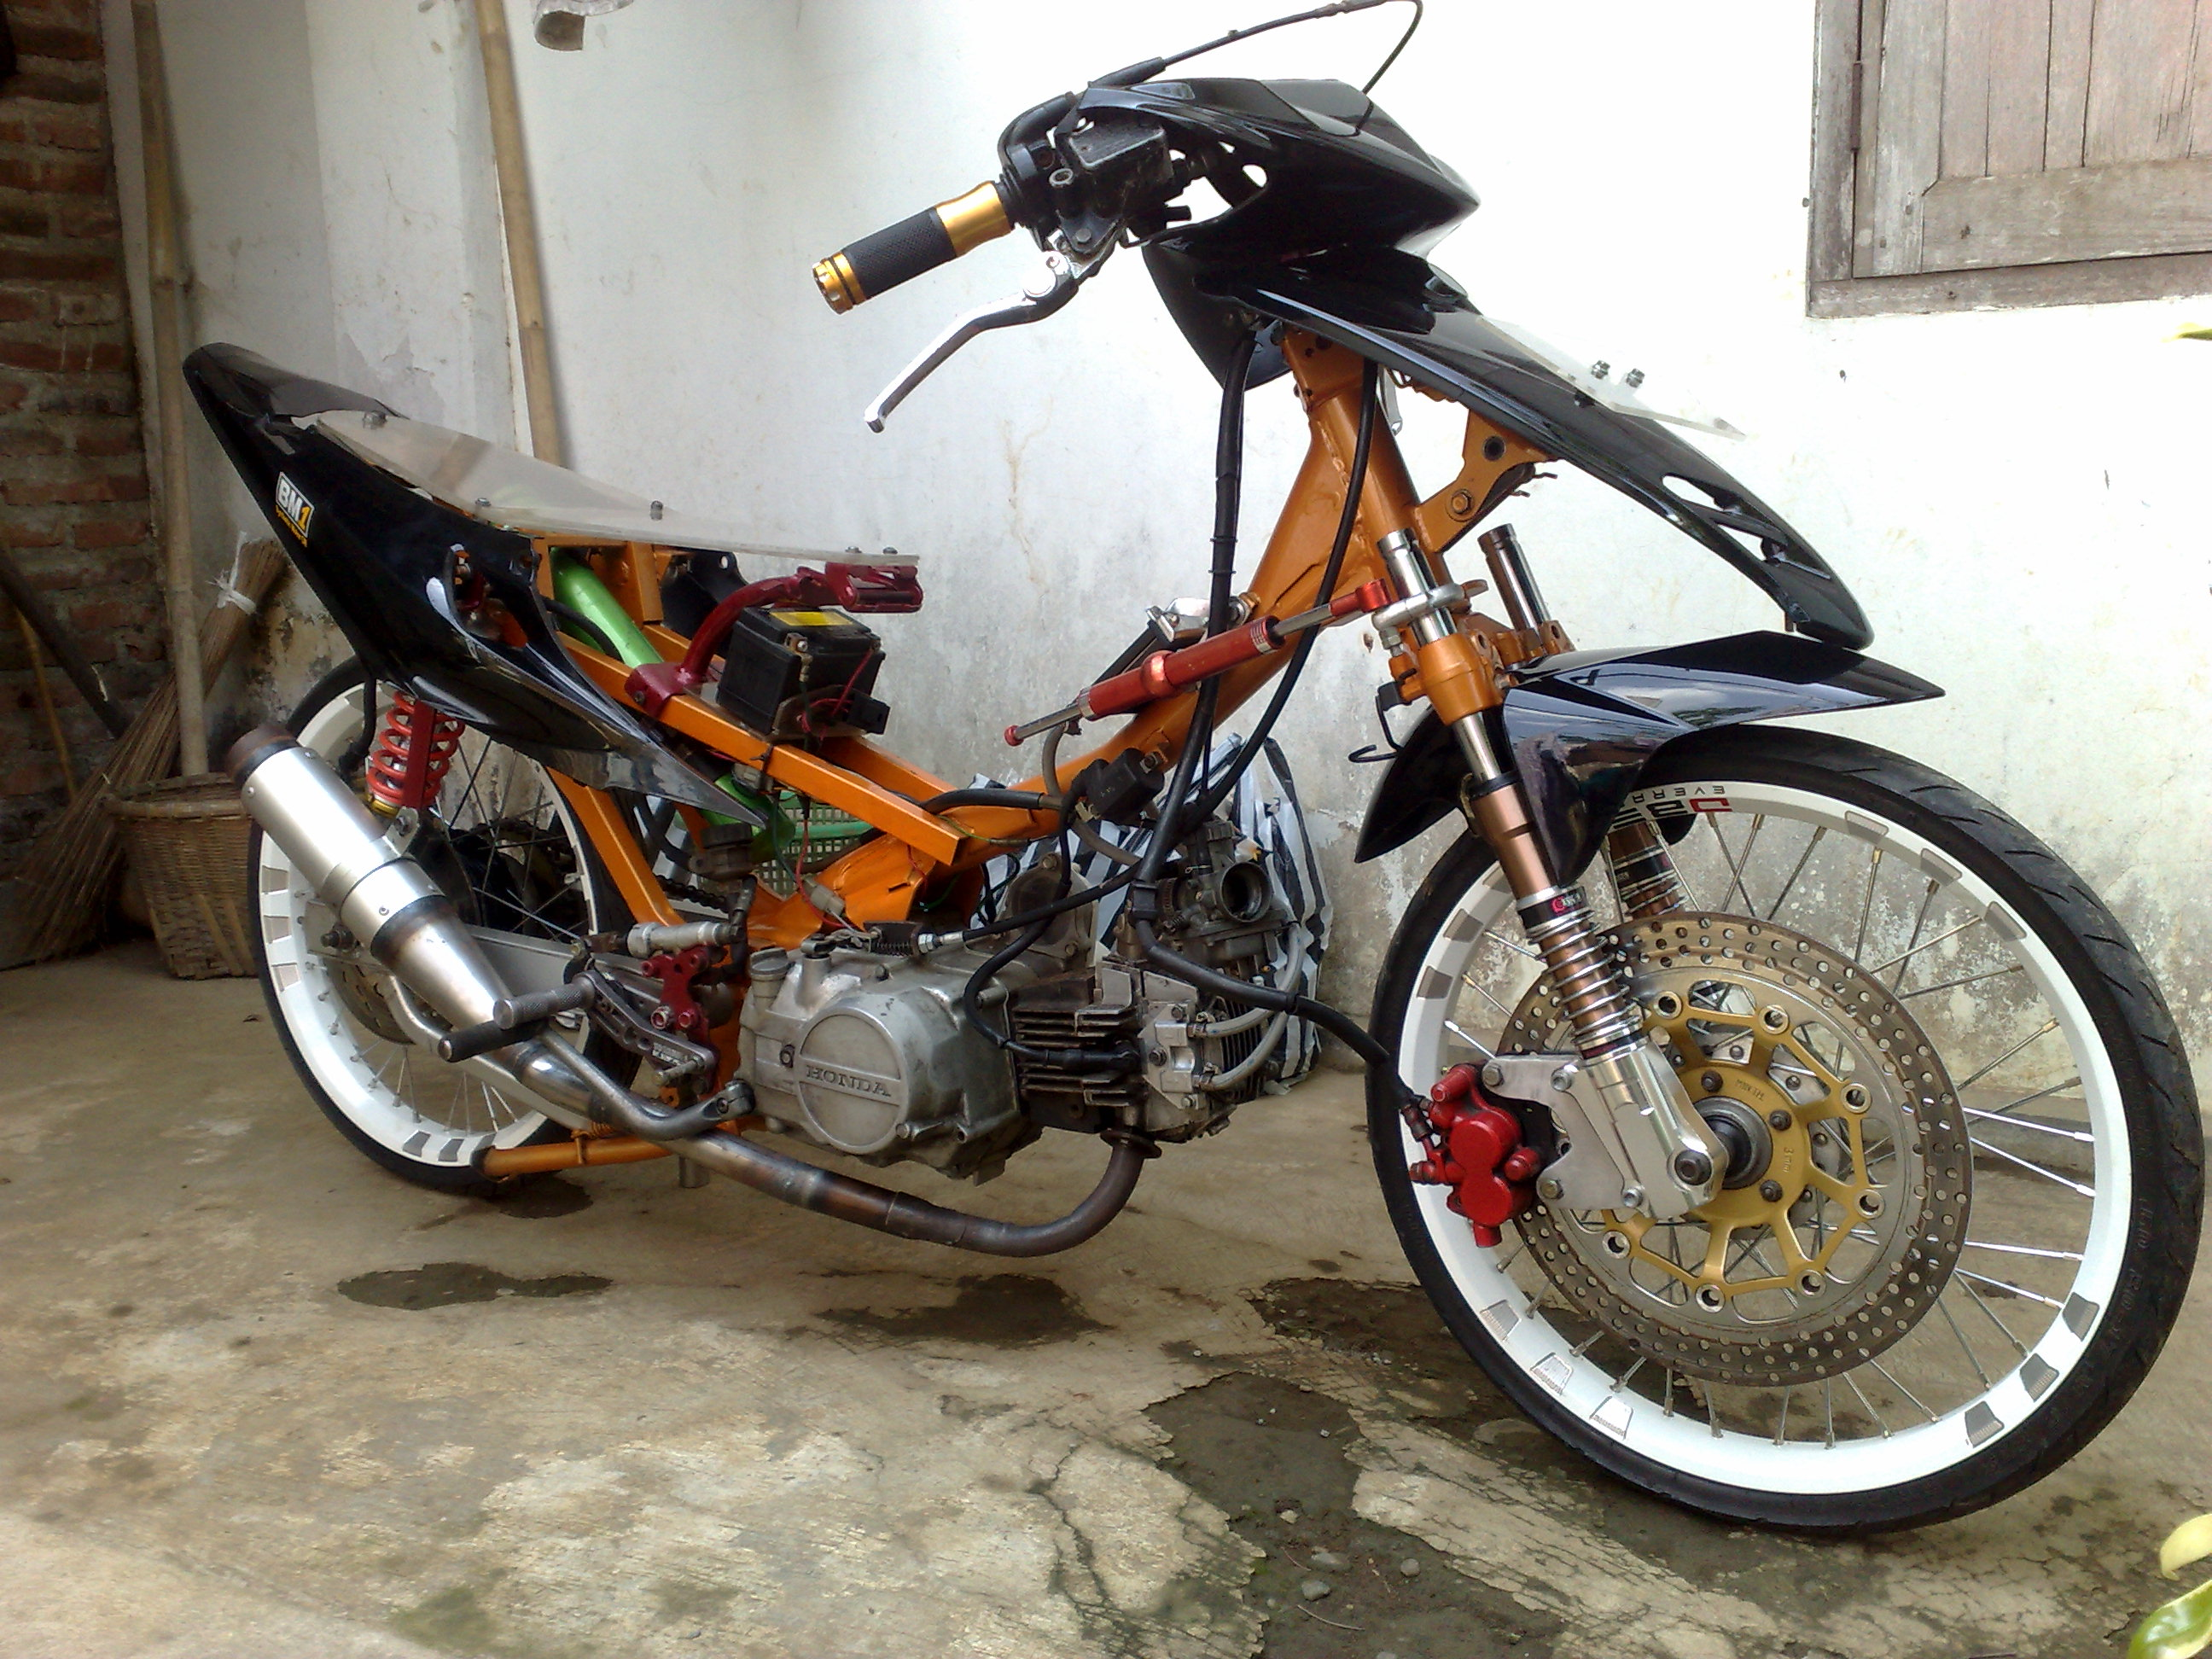 Koleksi Foto Modifikasi Motor Supra Fit Terbaru Terlengkap Griya